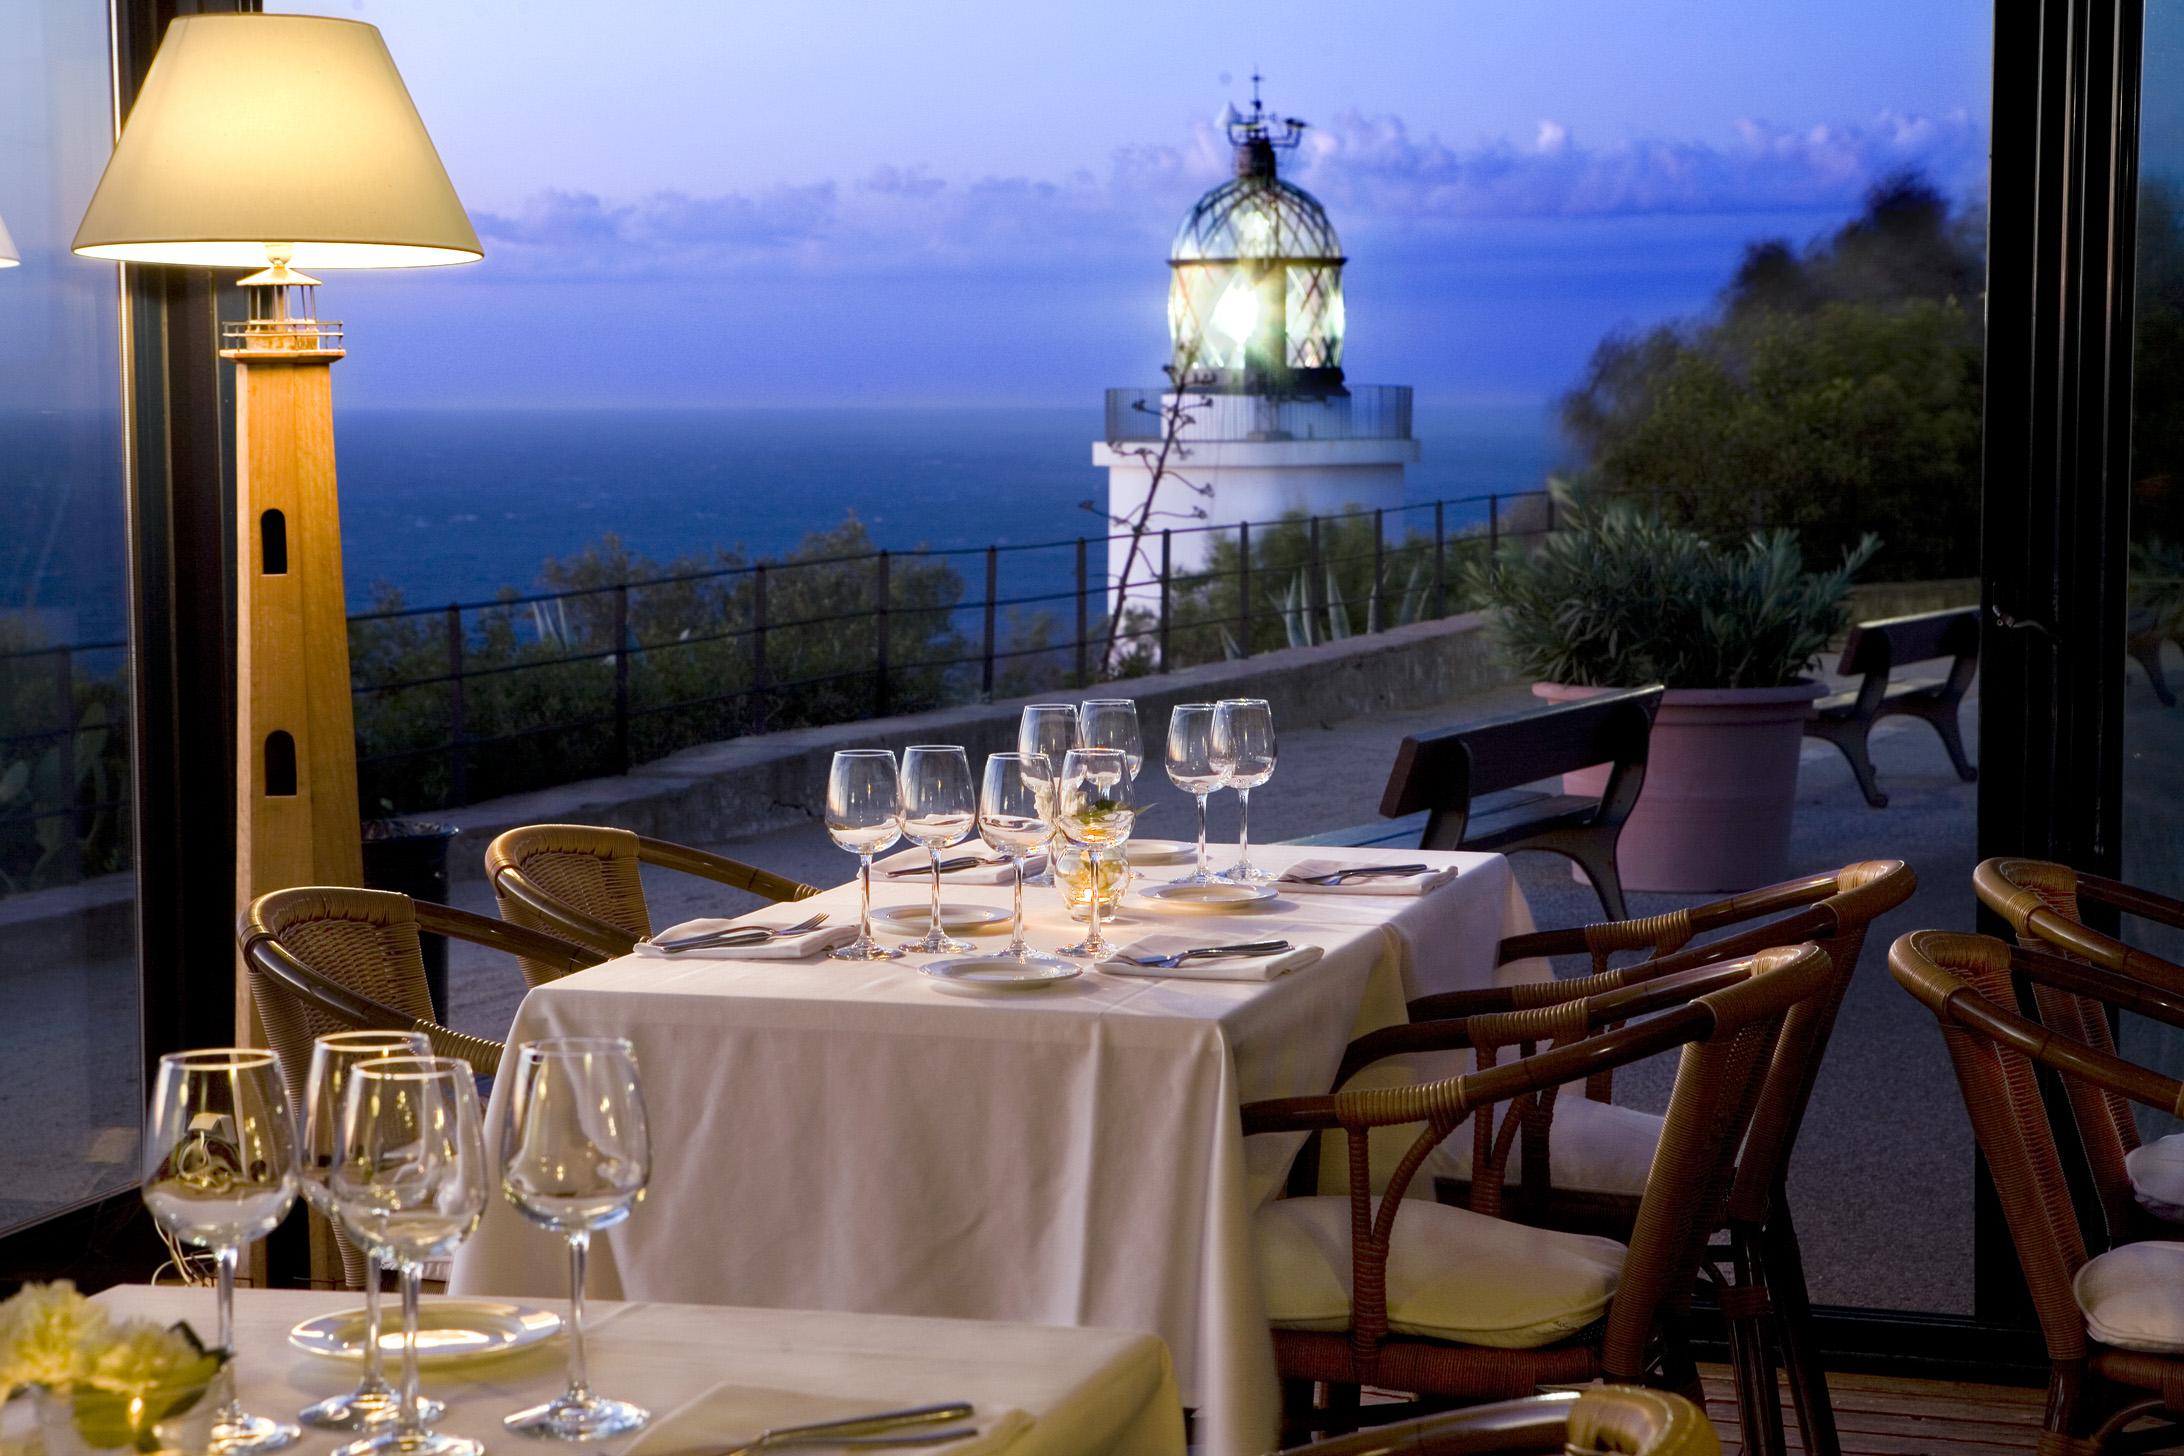 Restaurant El Far noche